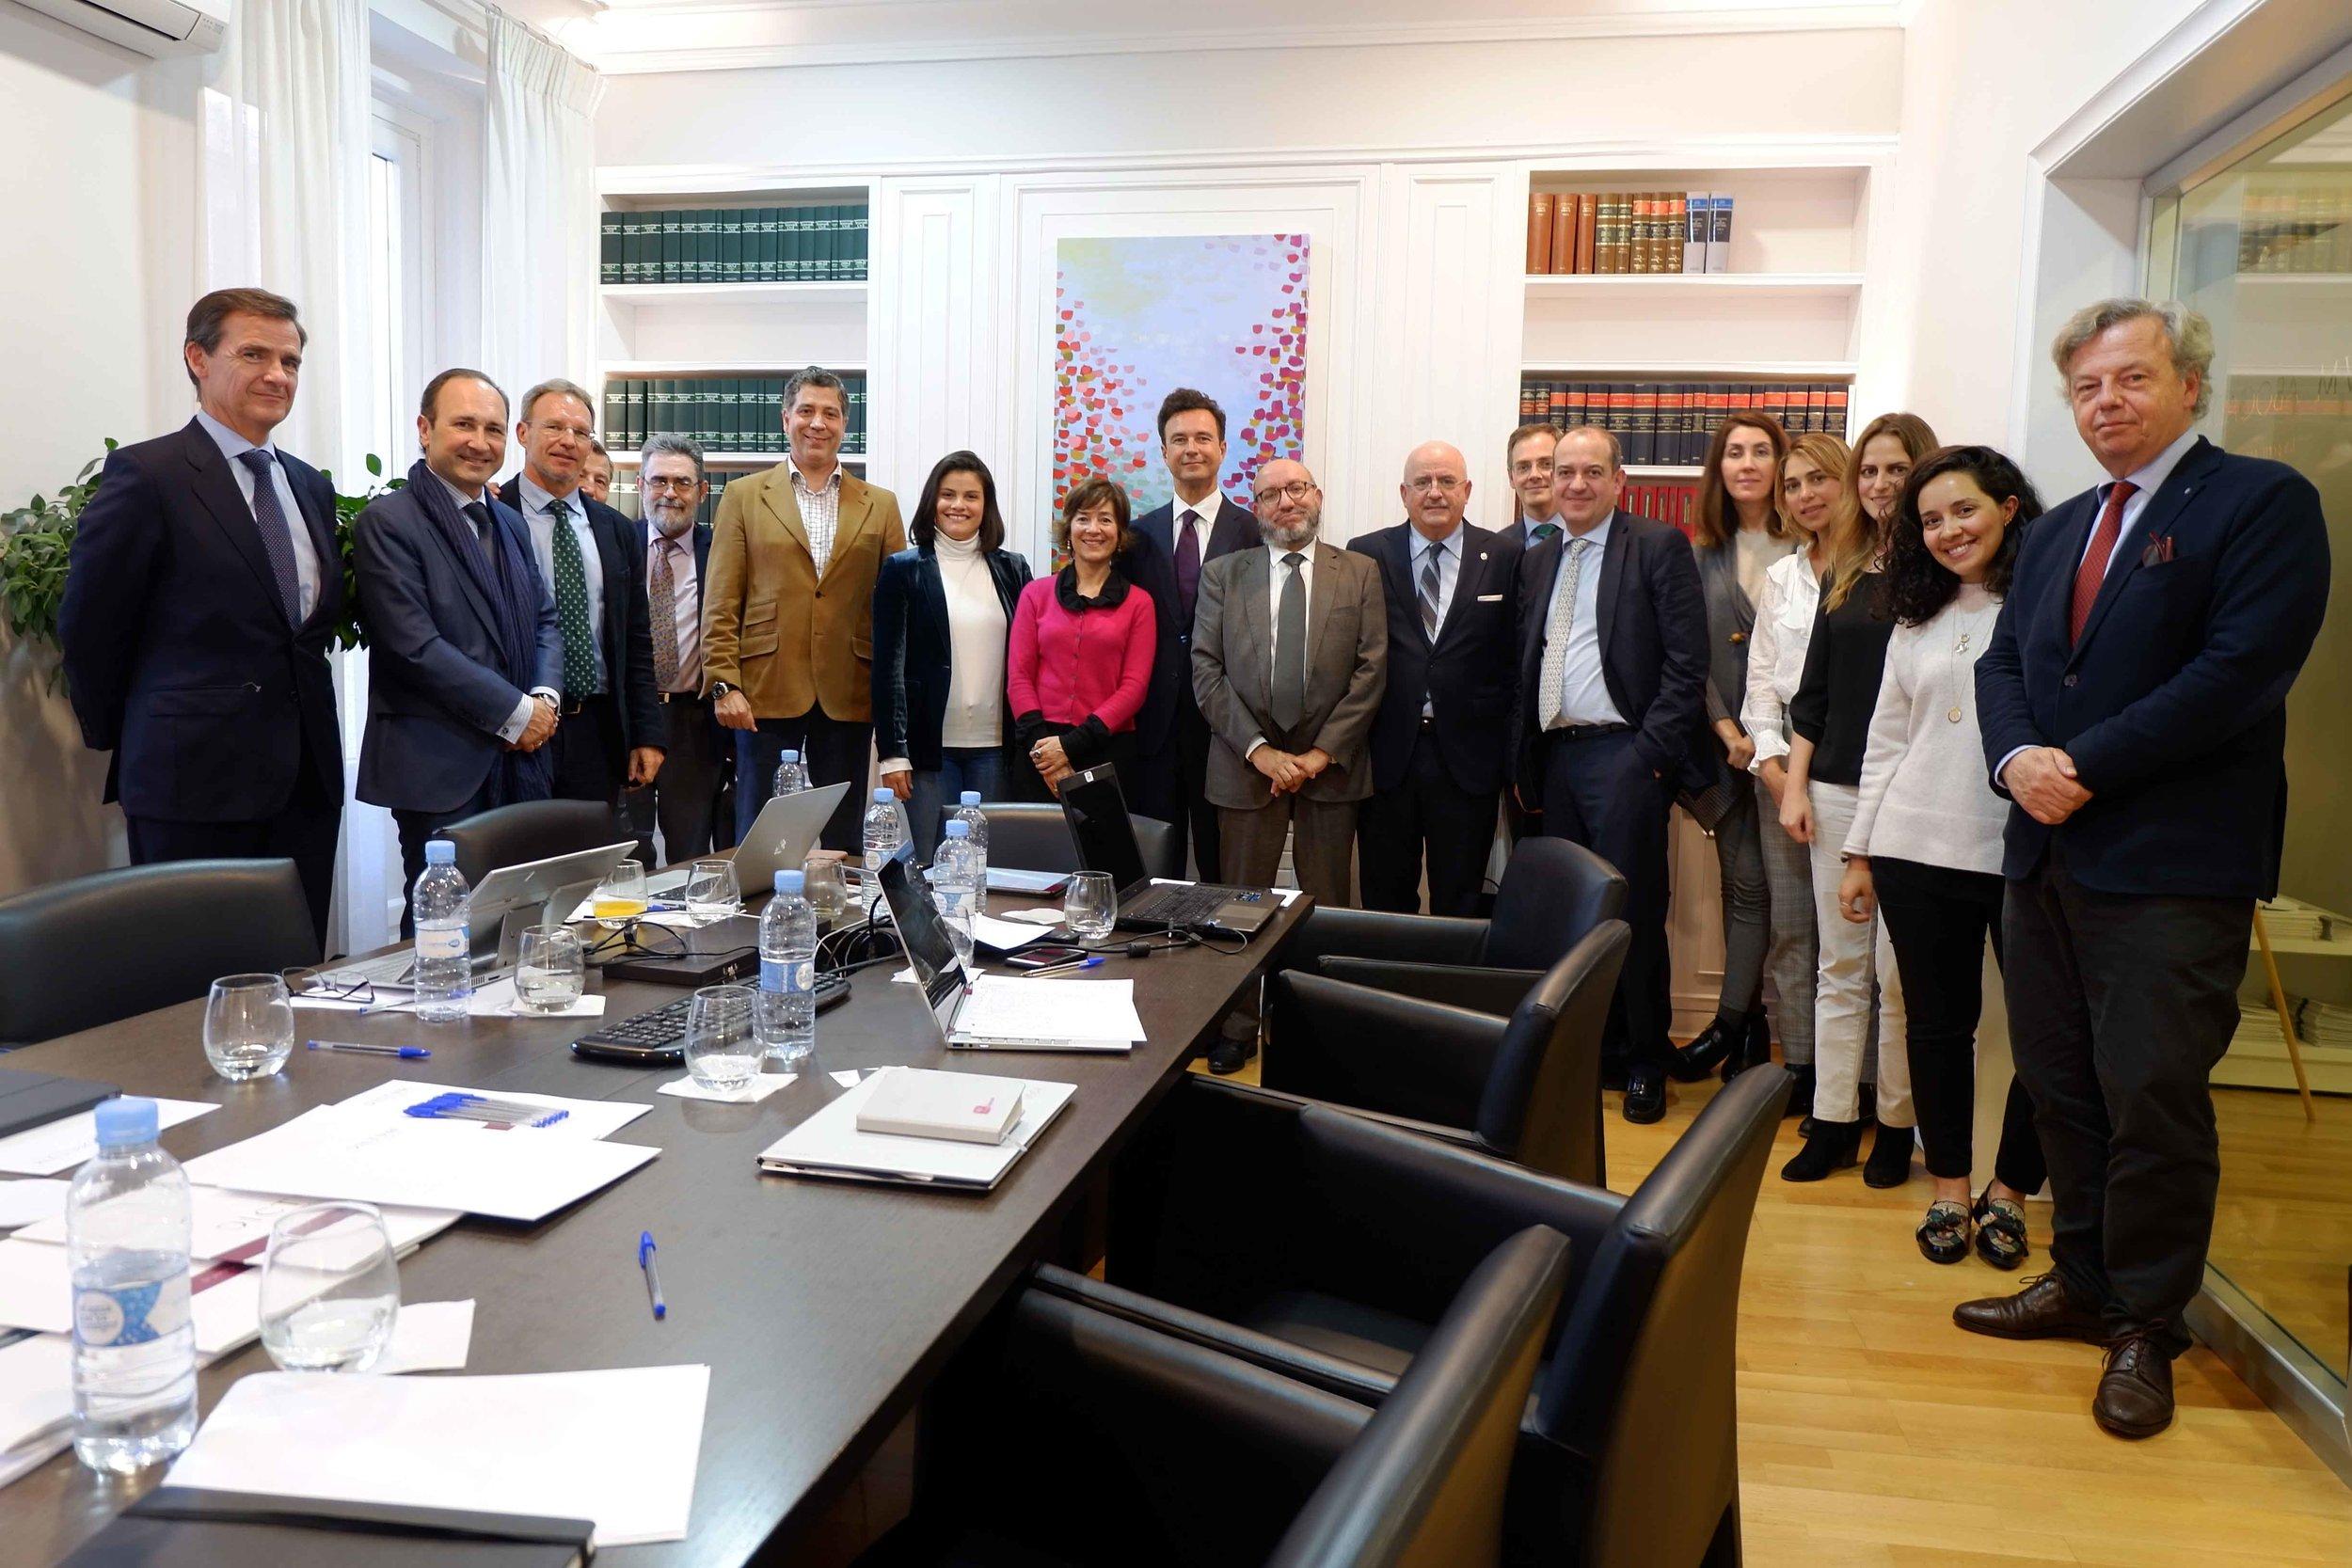 Foto de familia de los ponentes y asistentes al taller, celebrado el pasado 24 de abril.